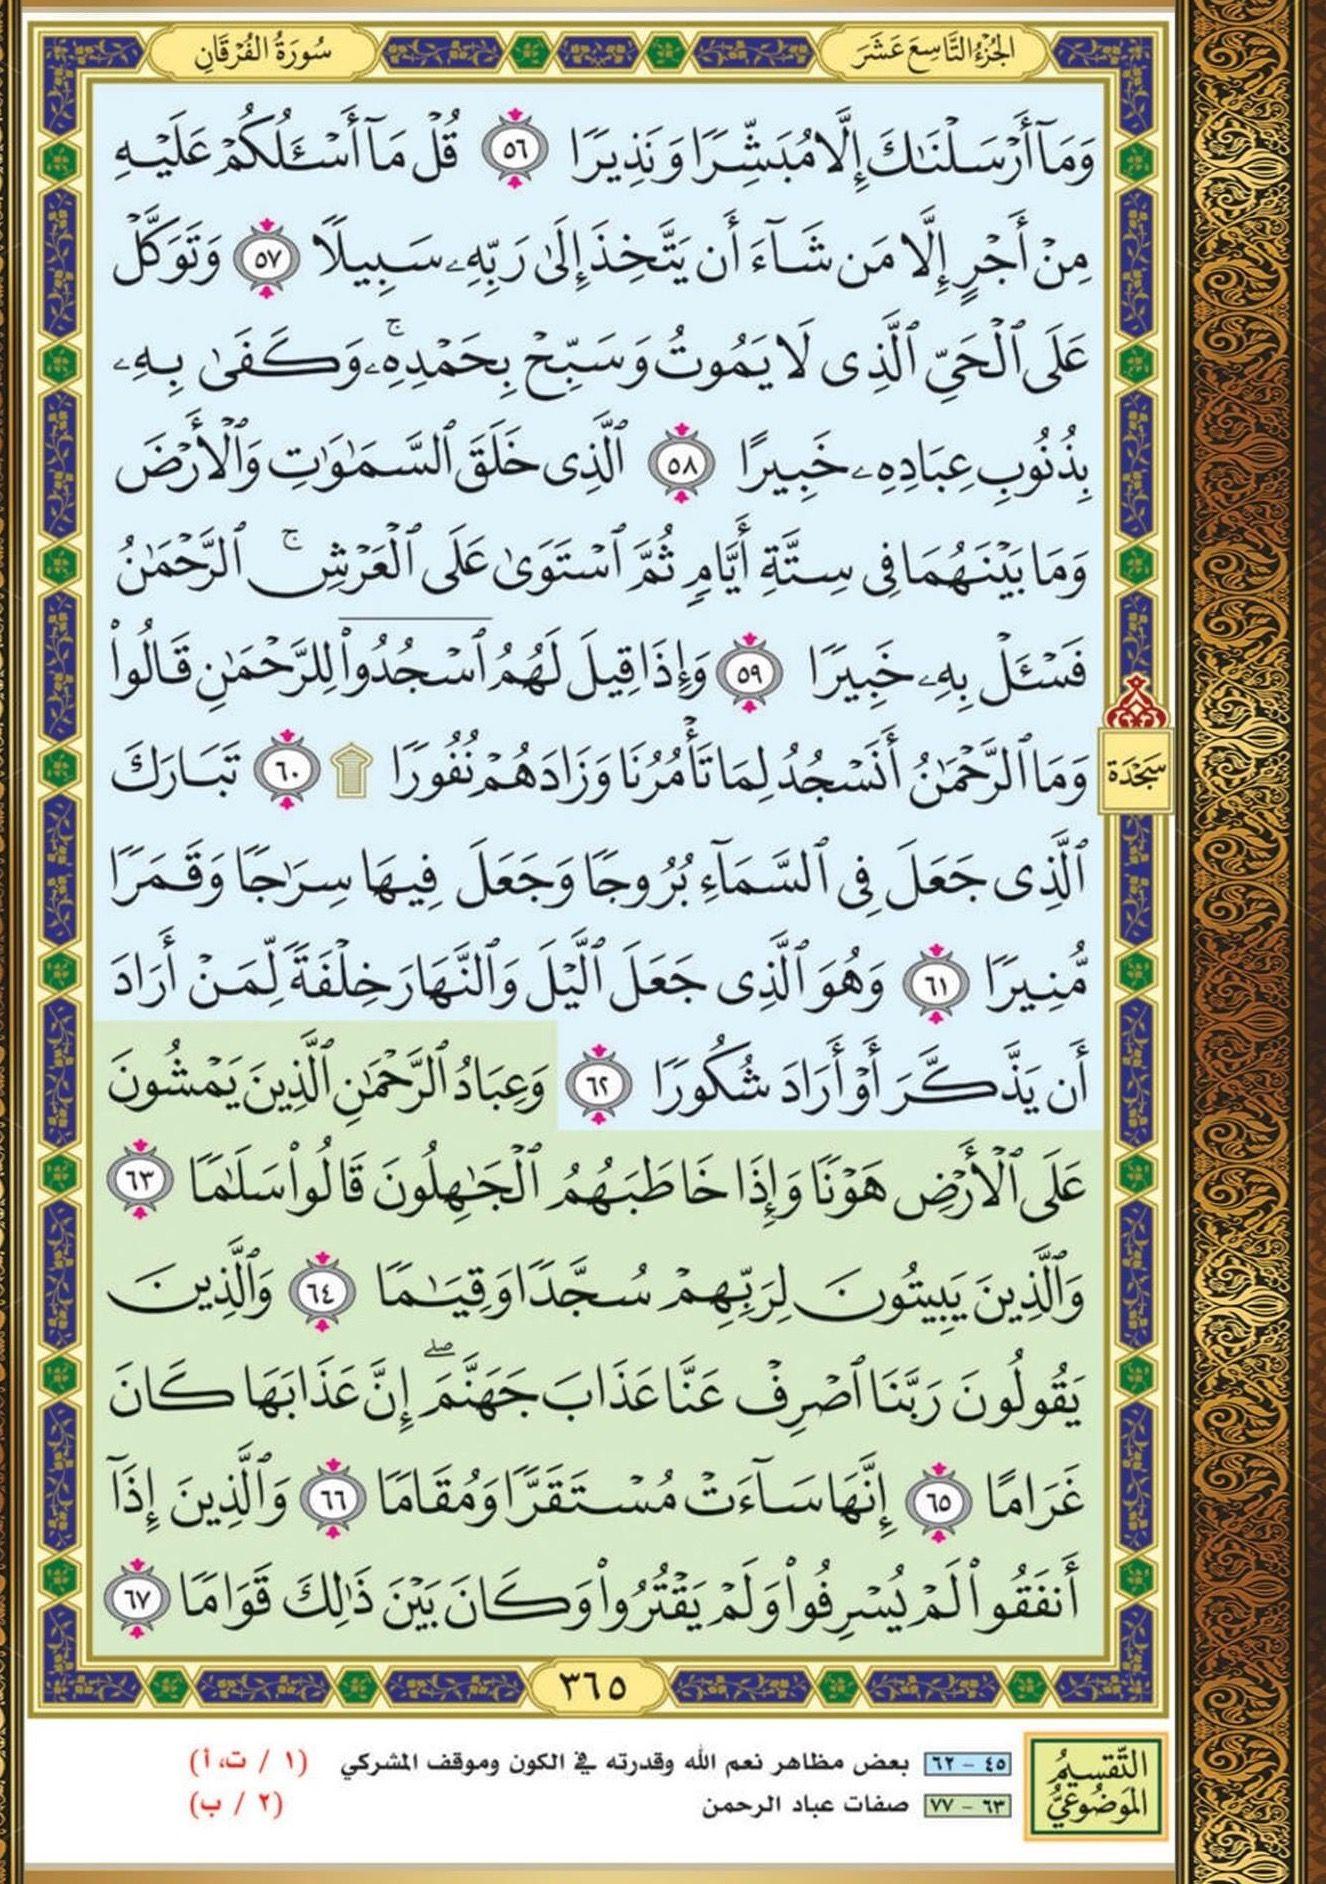 ٥٦ ٦٧ الفرقان مصحف التقسيم الموضوعي Quran Book Holy Quran Book Bullet Journal